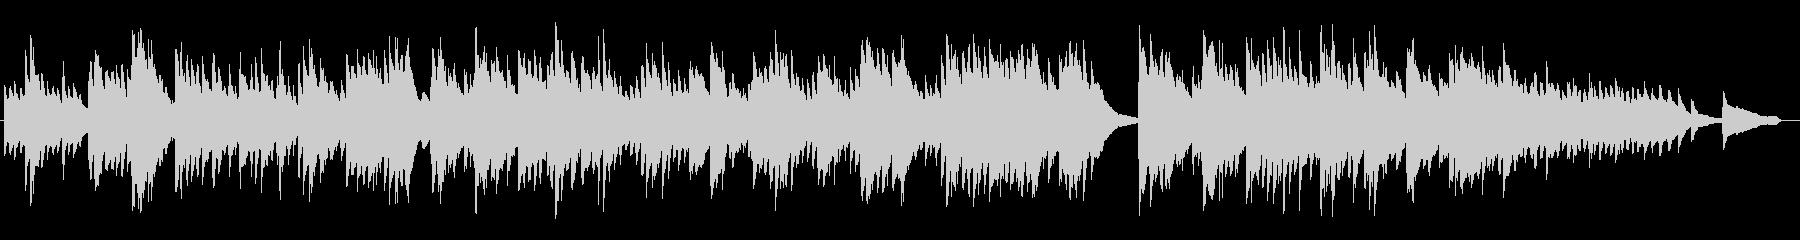 優しさ、切なさを演出するピアノBGMの未再生の波形